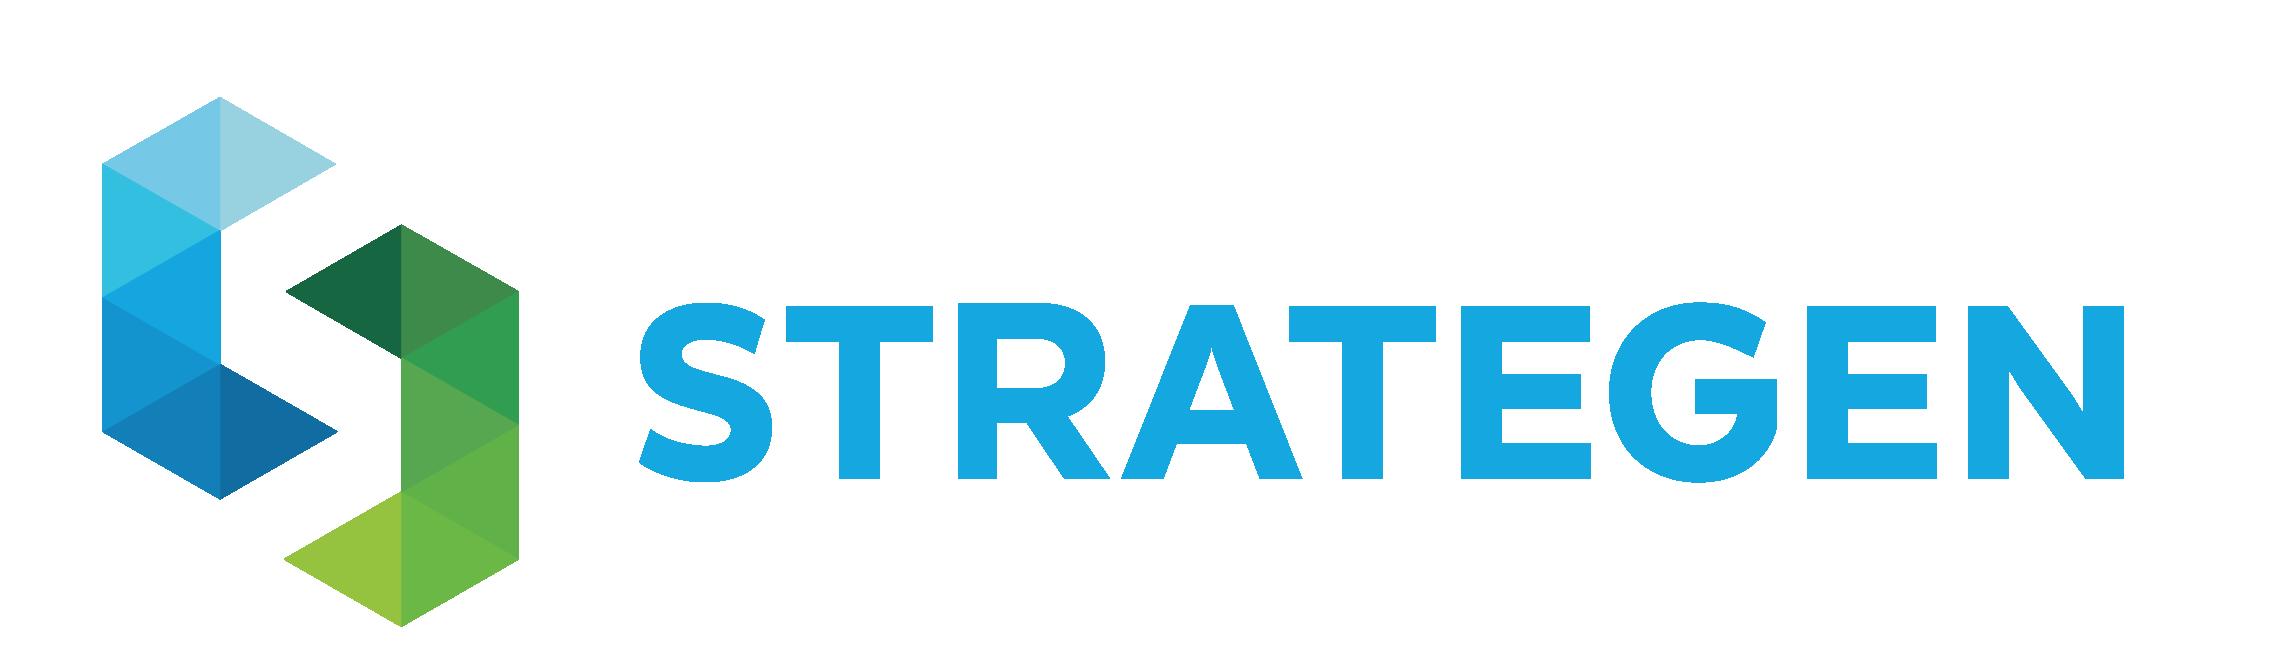 Strategen Logo-01-PNG No background.png